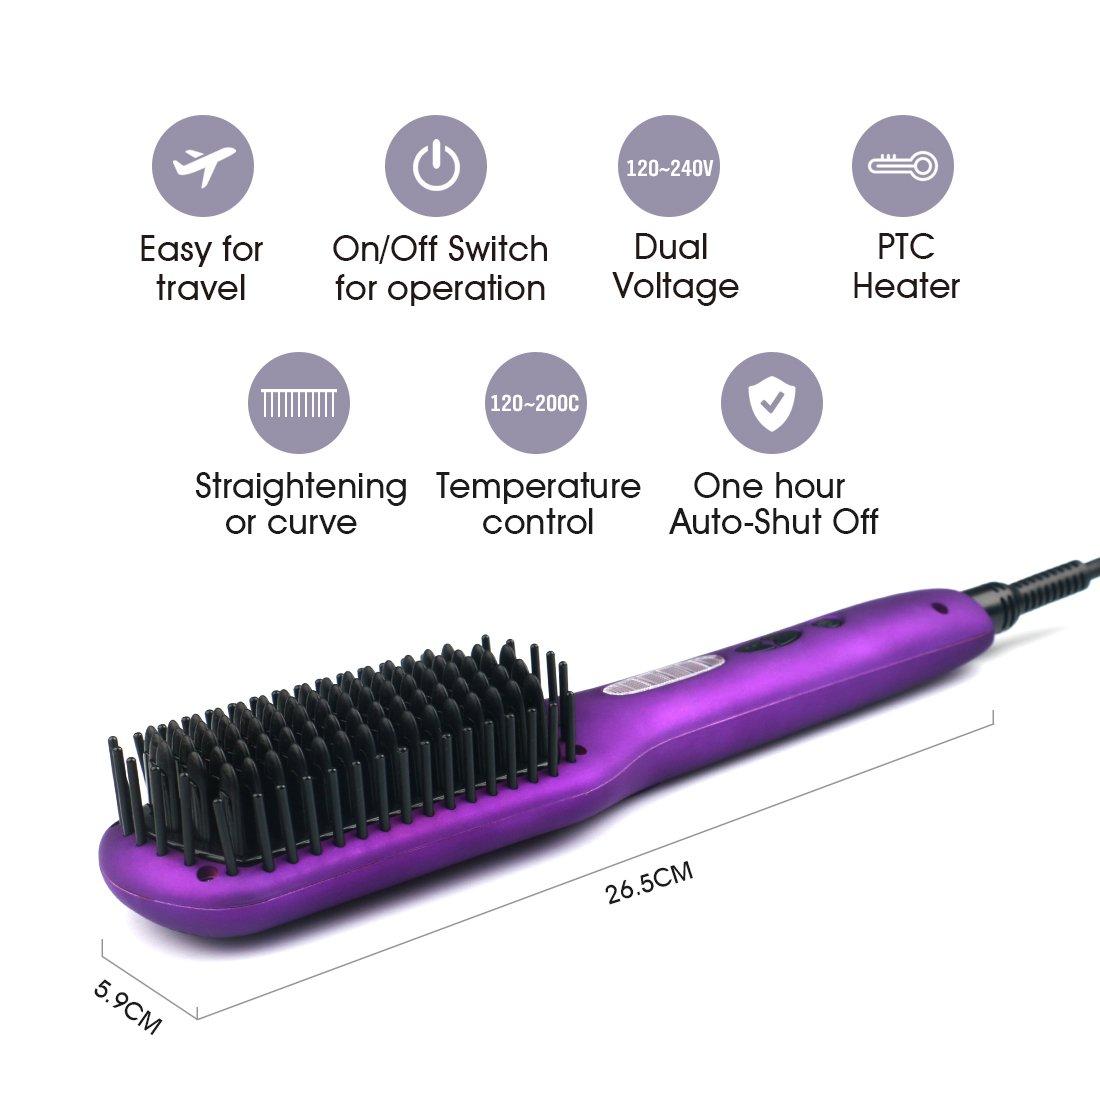 Alisadores de pelo cepillo profesional eléctrico alisador de cabello alisado Viajes cuidado del cabello peine doble voltaje ajustable temperatura rápido ...